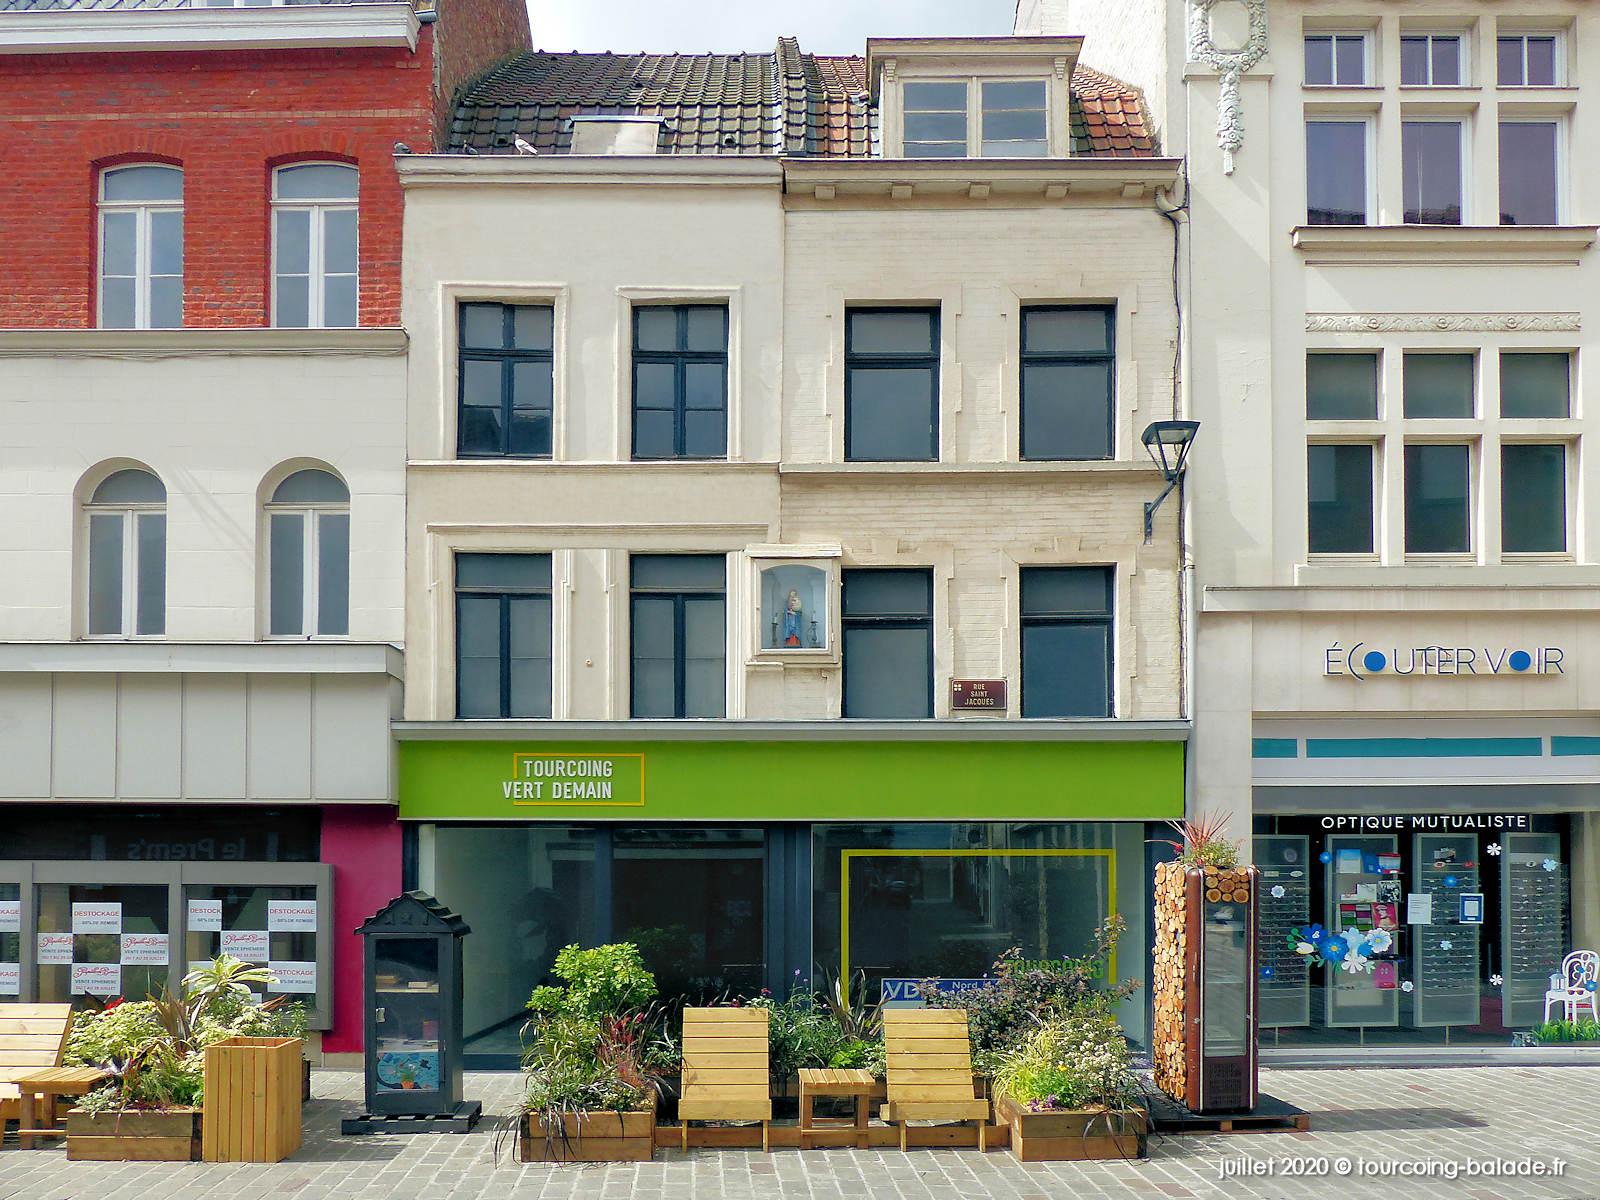 Photographies de Tourcoing, Rue Saint-Jacques 2020